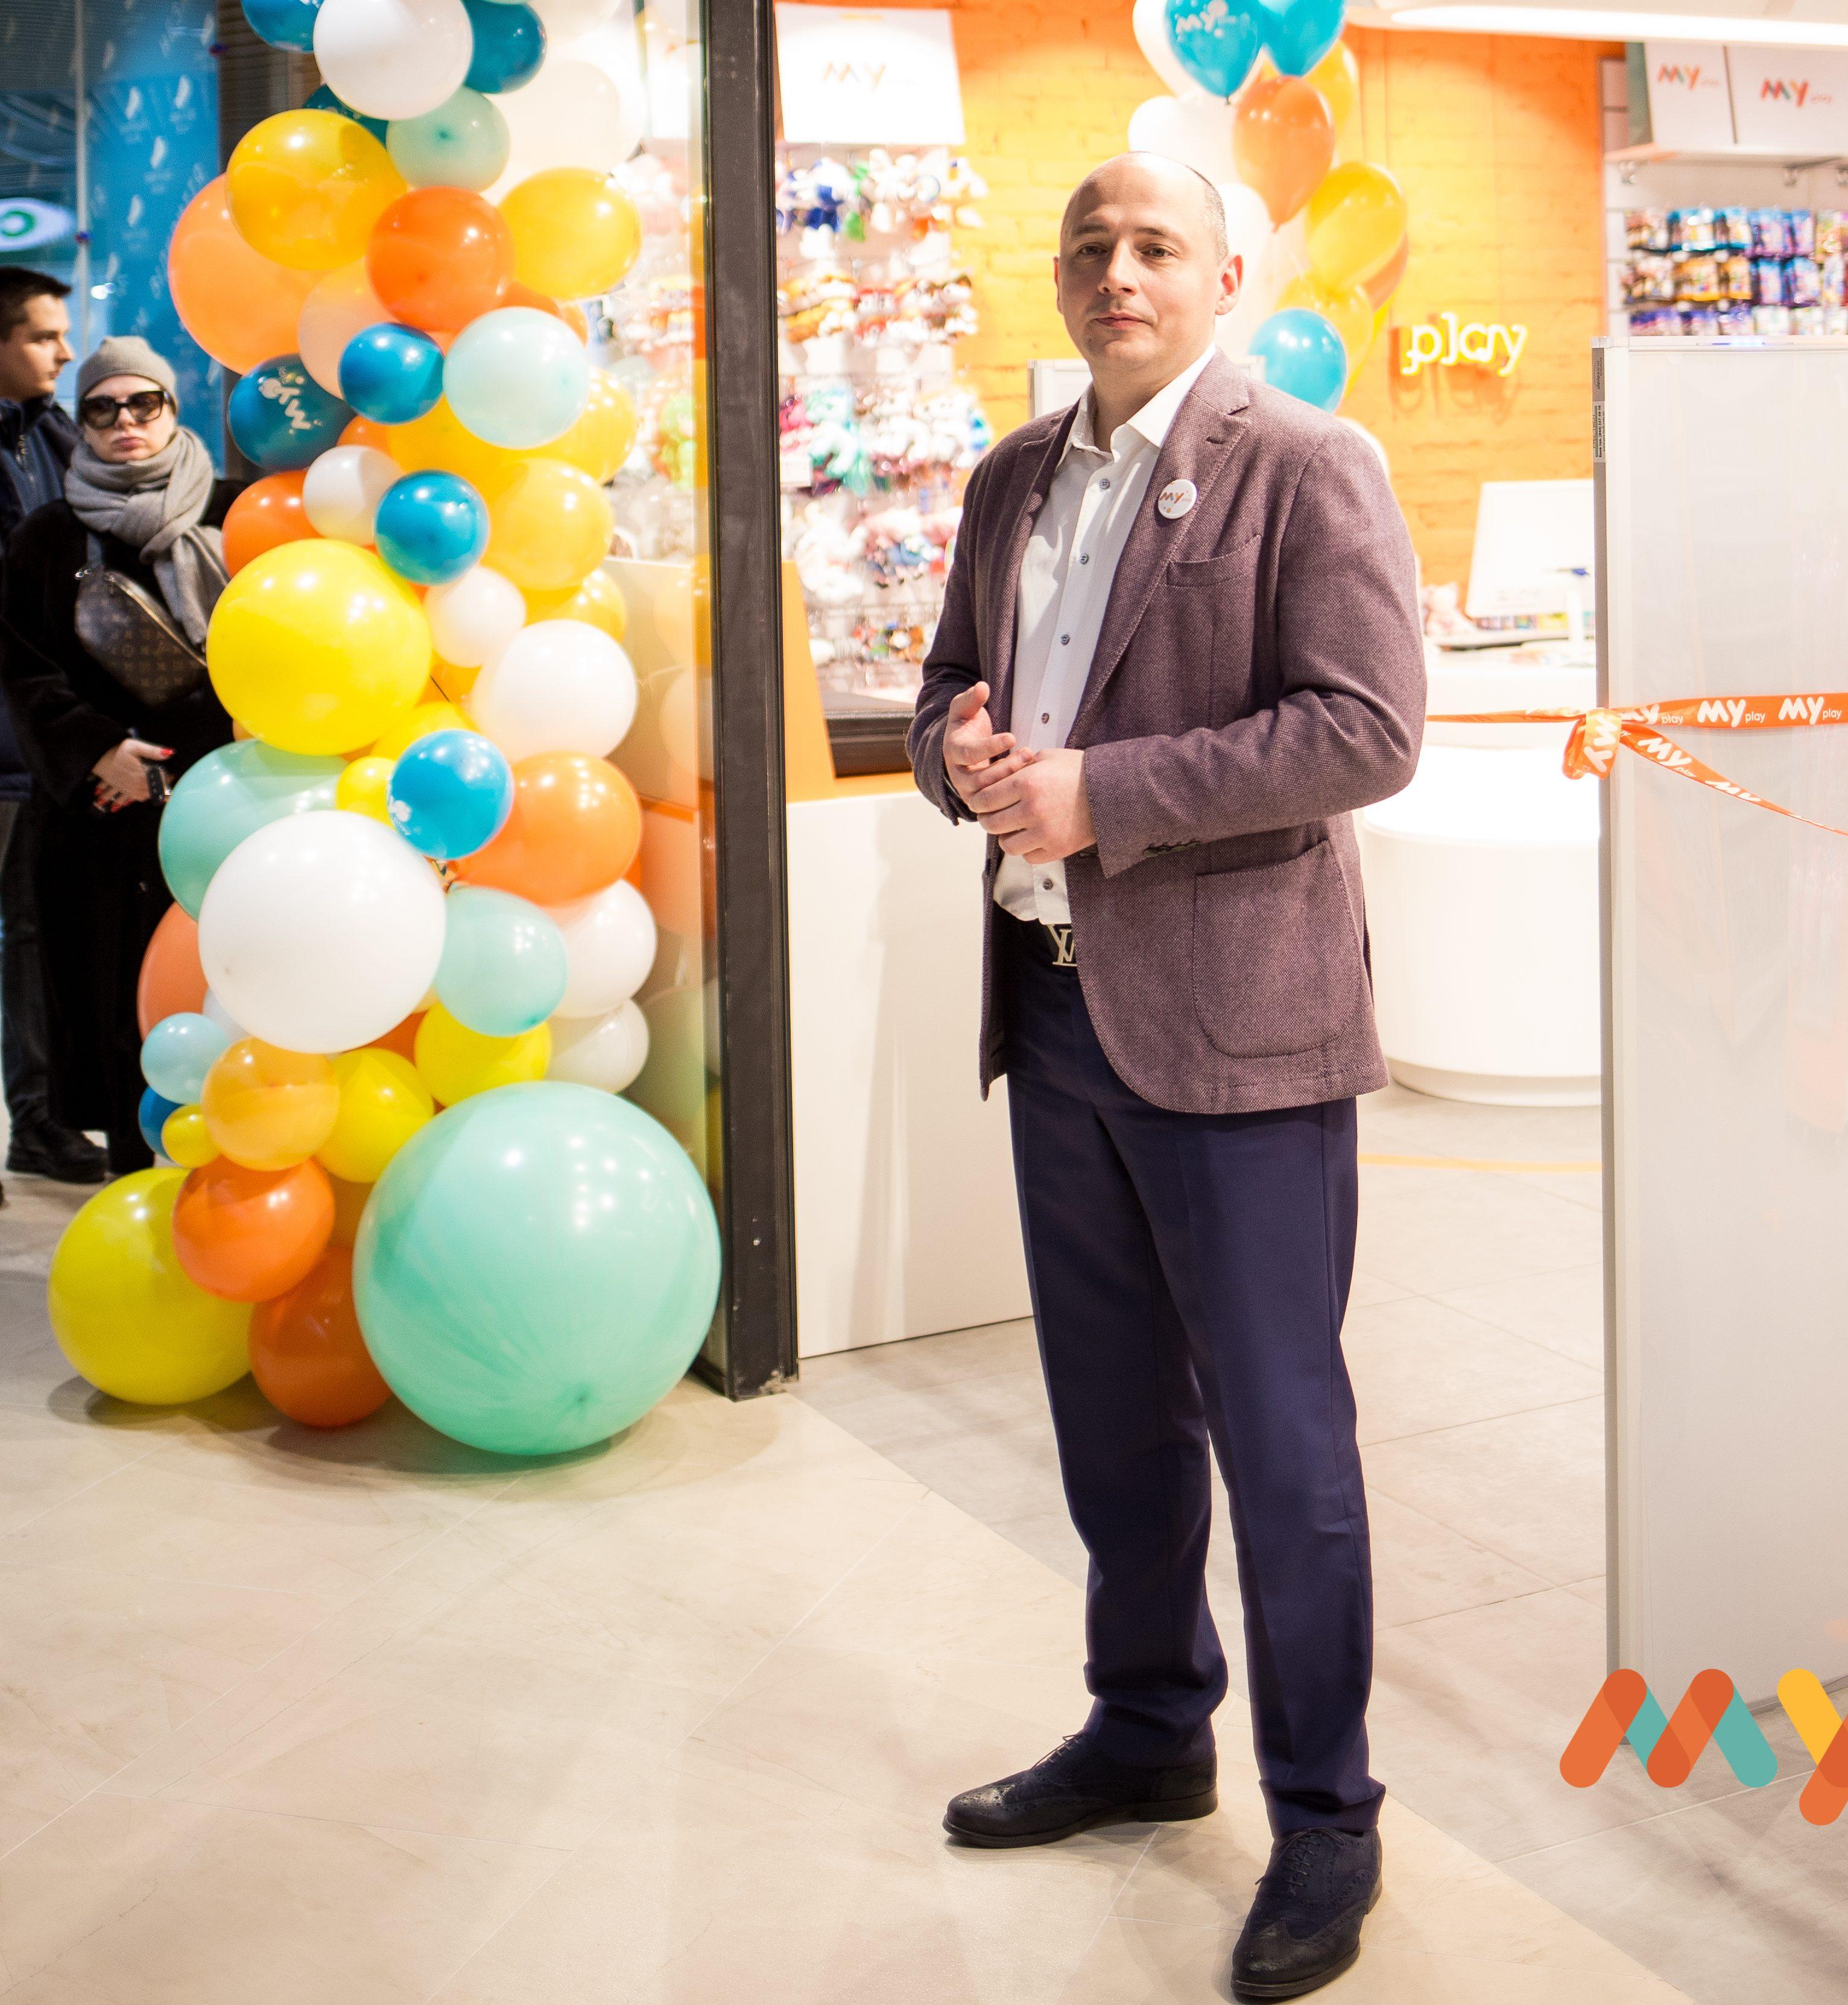 КОМПАНИЯ ИГРУШЕК: сооснователь KIDDISVIT Павел Овчинников о том, как построить взрослую компанию, товары которой очень нравятся детям